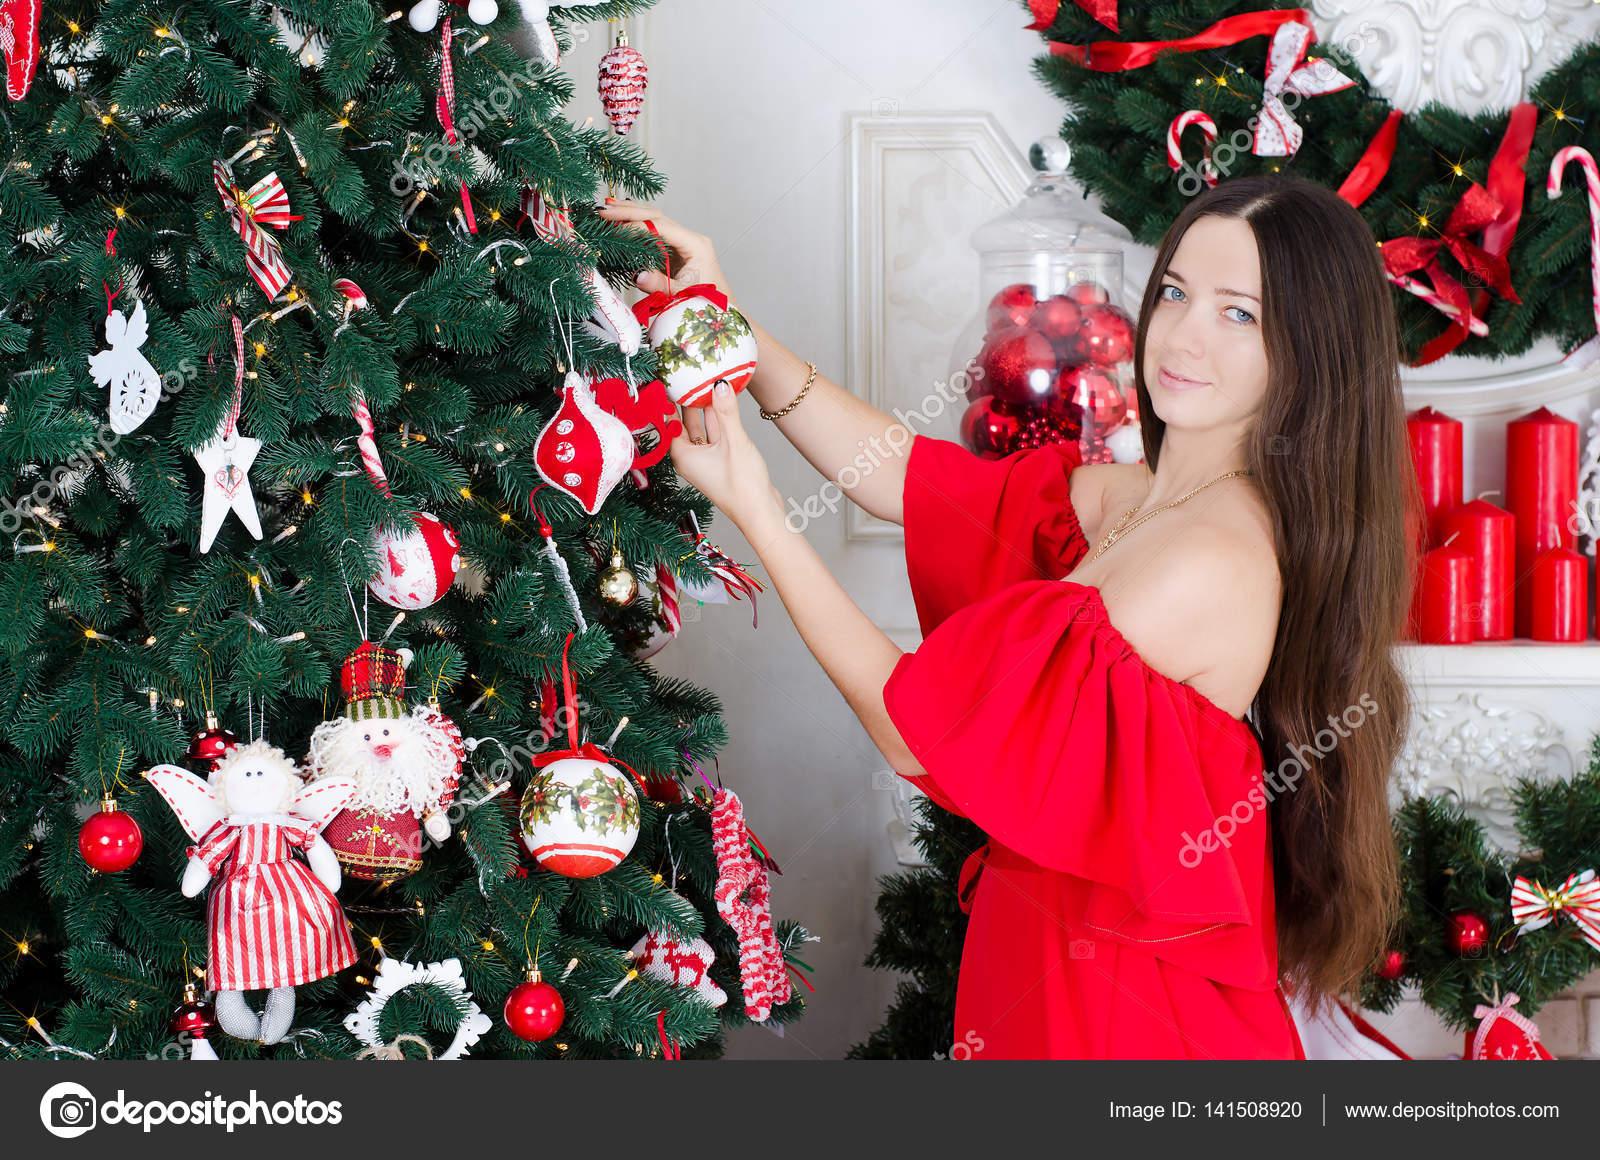 Wer Schmückt Den Weihnachtsbaum.Frau Schmückt Einen Weihnachtsbaum Stockfoto Seredalia 141508920